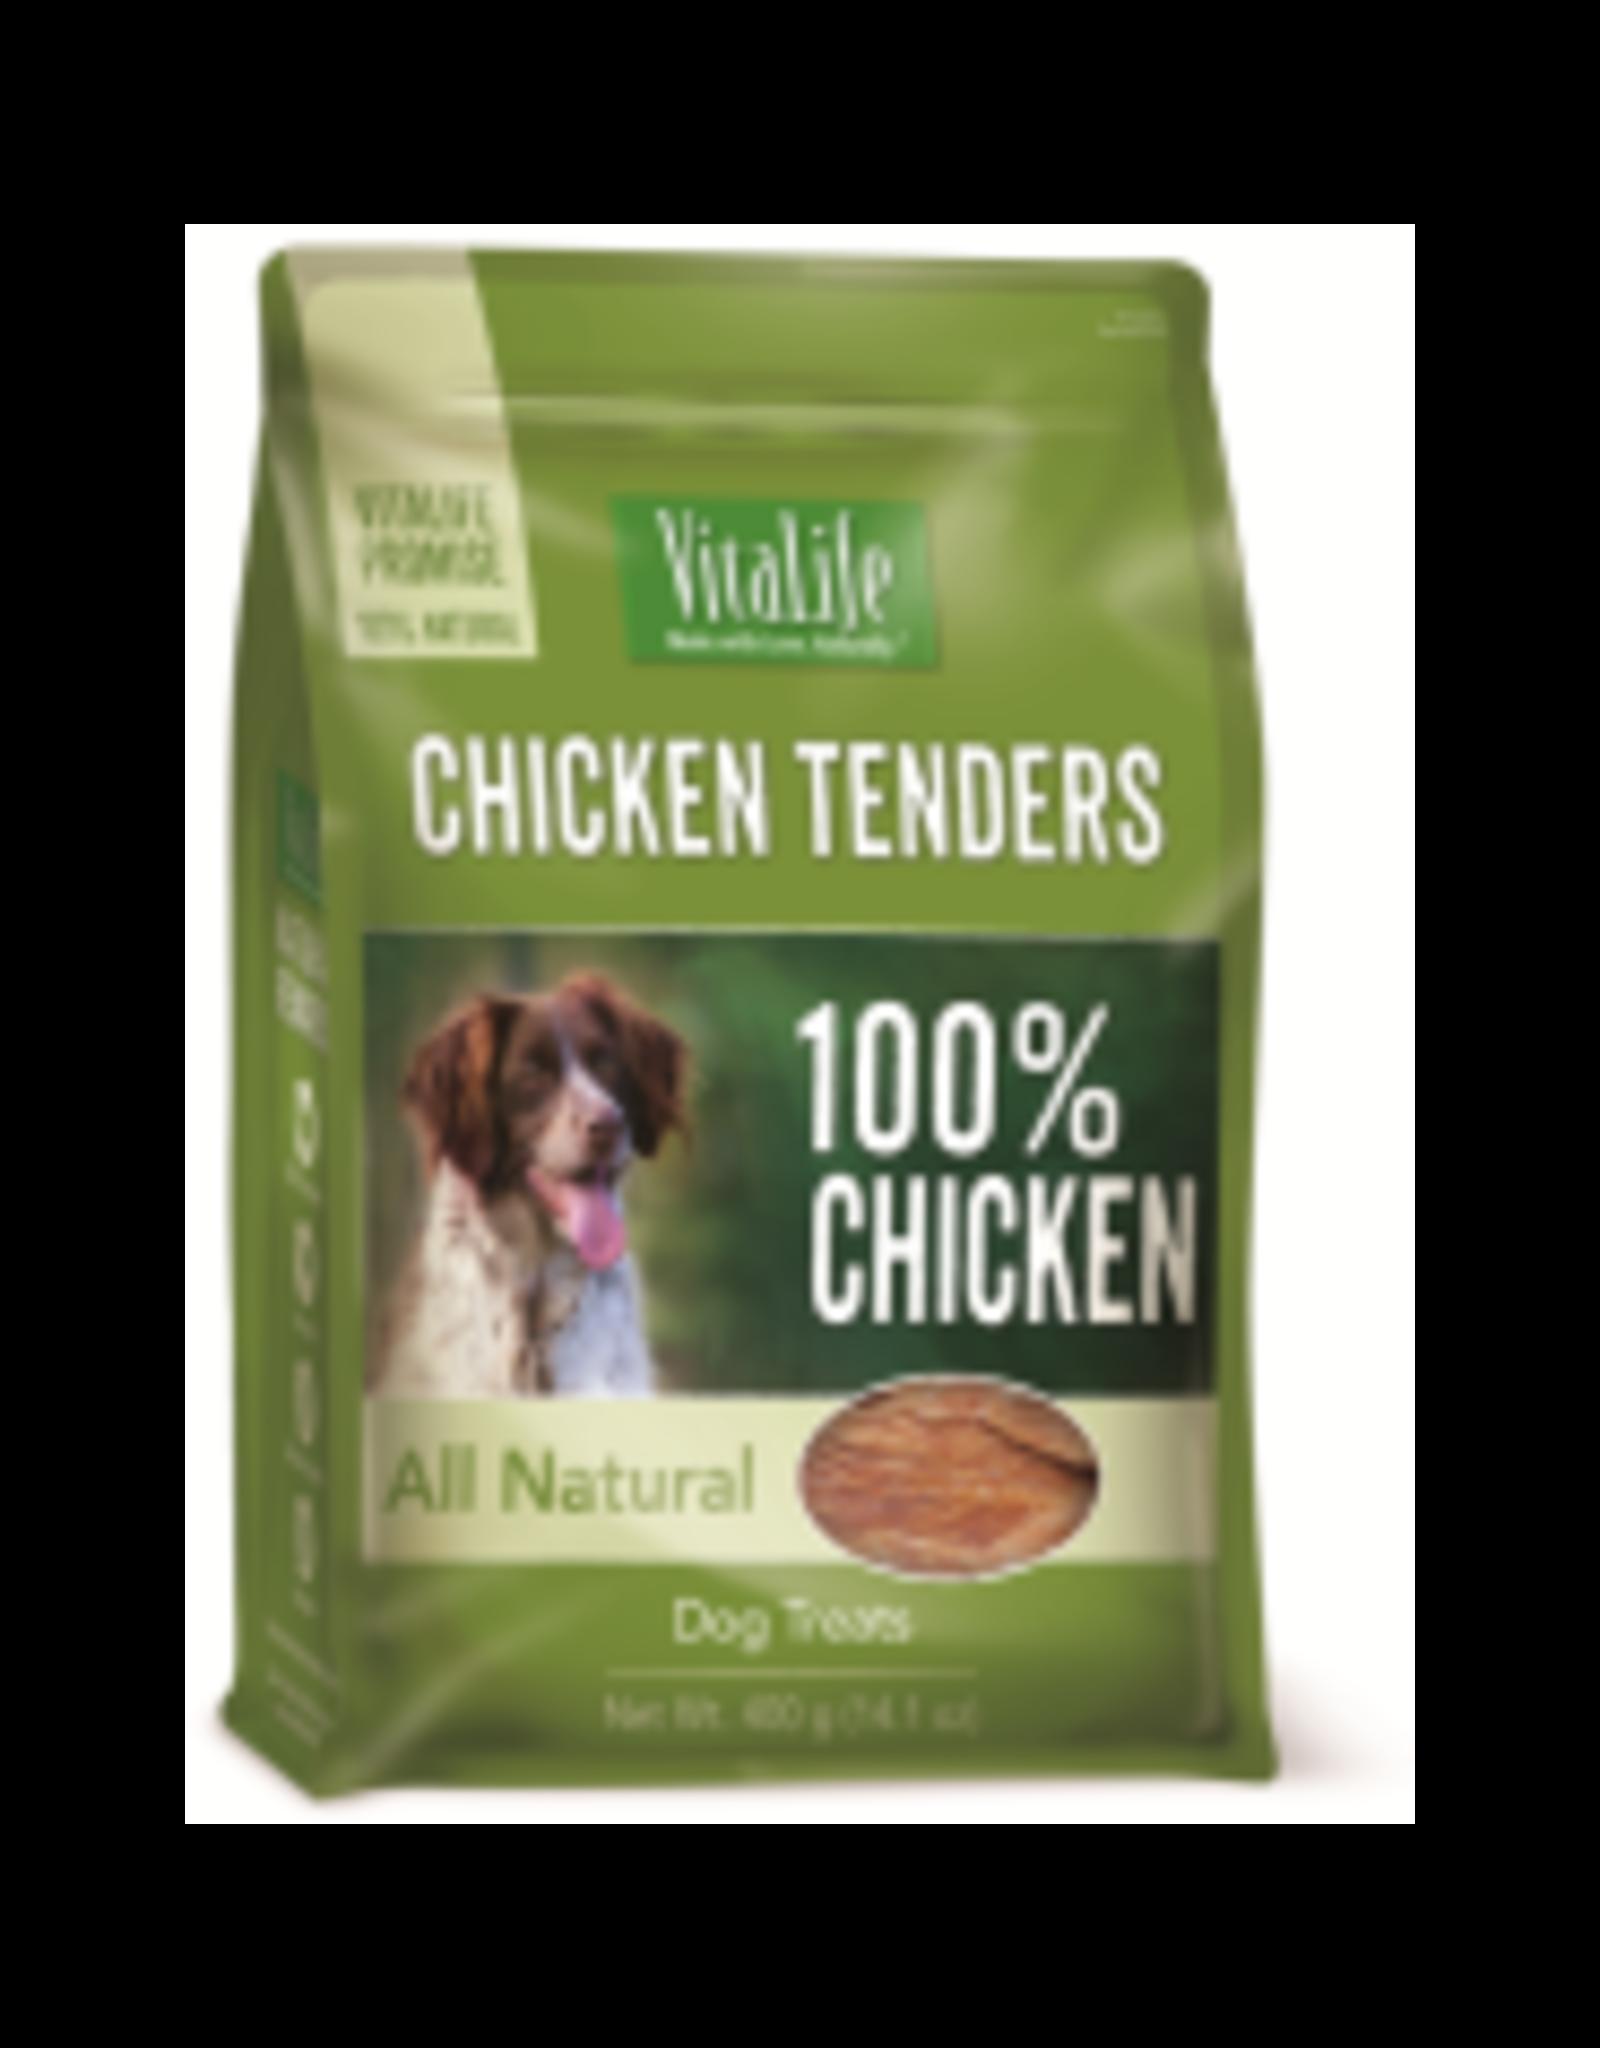 VitaLife VitaLife - Chicken Tenders 400g